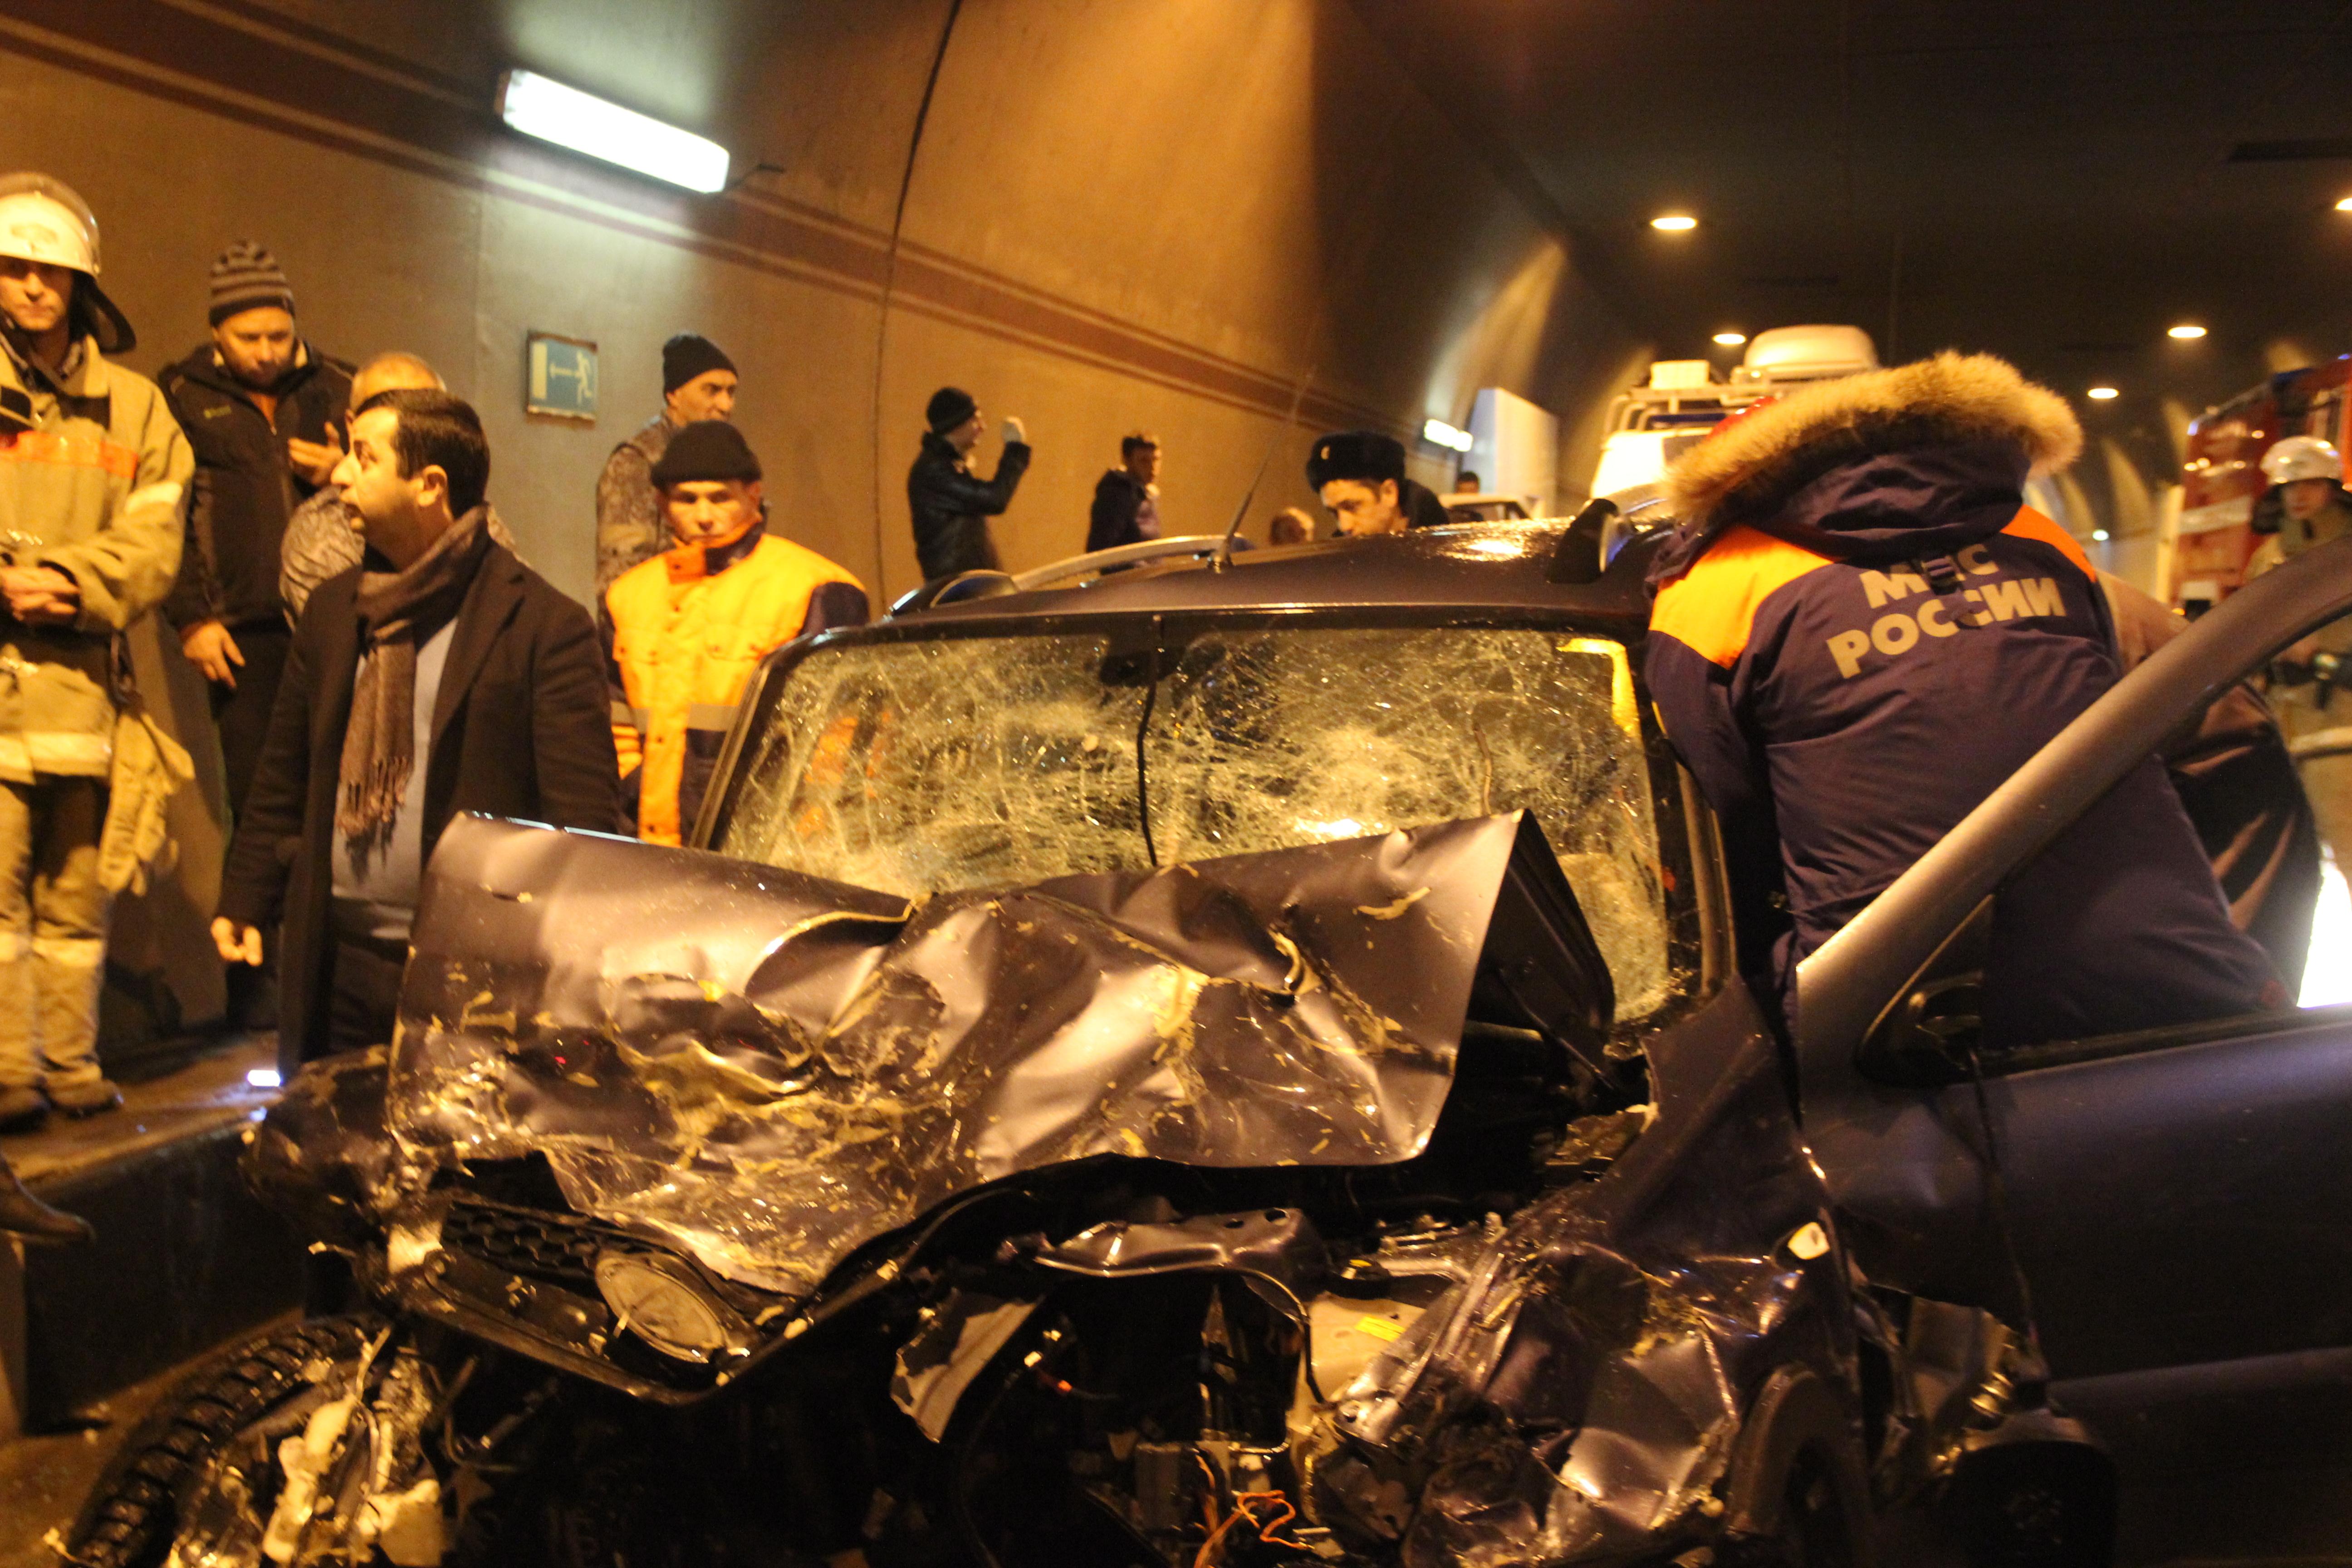 ВСочи cотрудники экстренных служб вытянули мужчину изискореженного вДТП авто